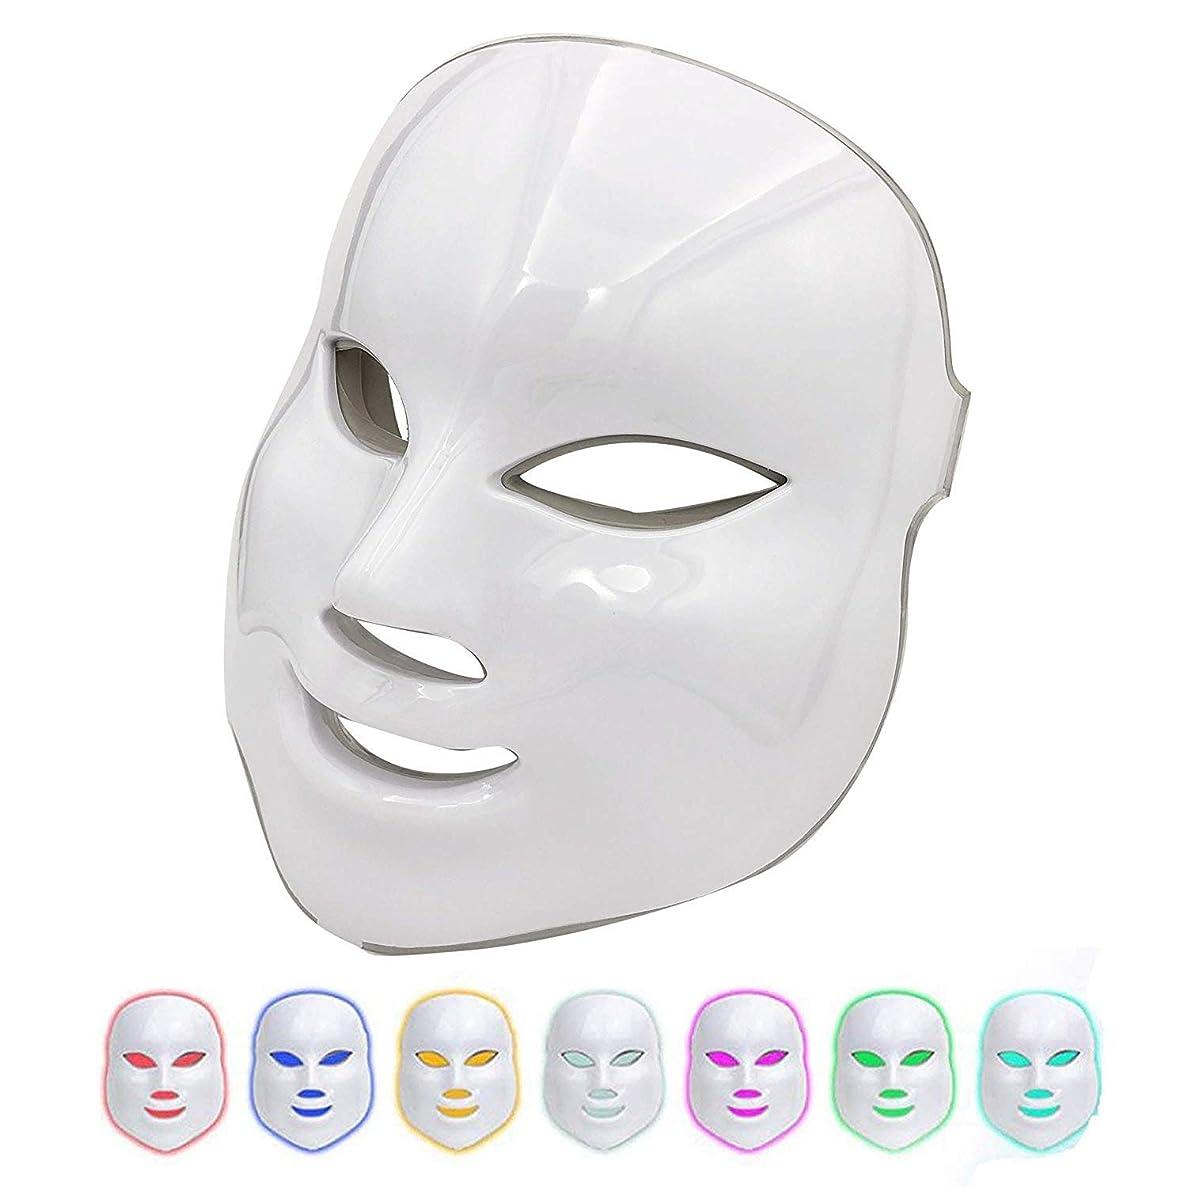 ネクタイ賄賂ブリリアント美容マスク7色ledライト光子療法にきび跡除去アンチエイジング肌の若返りフェイシャルケアフェイシャルトーンデバイス